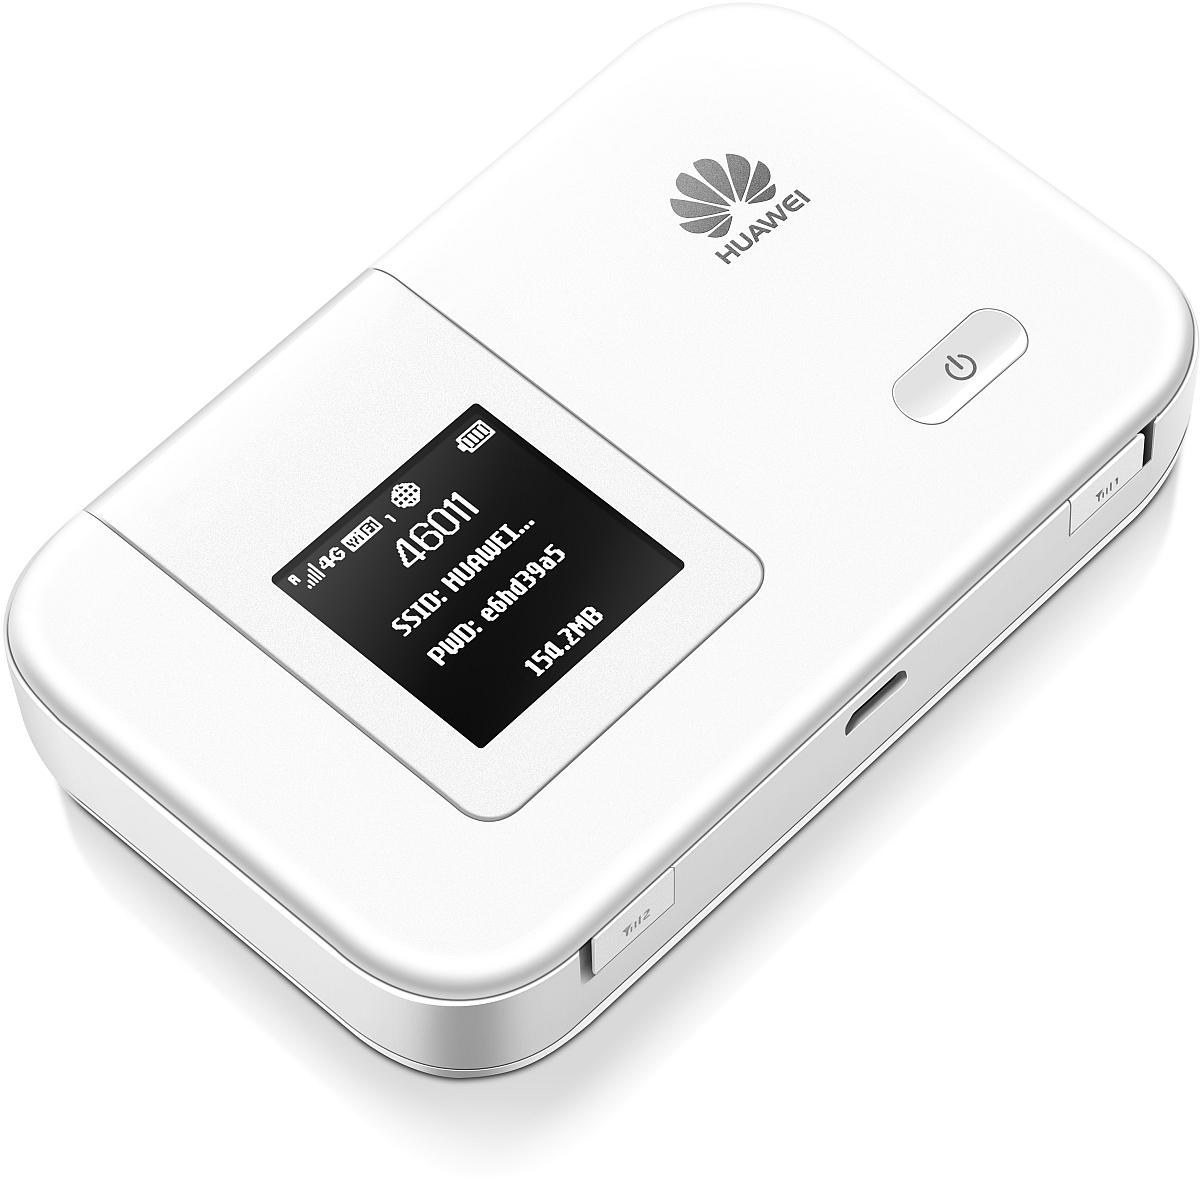 Huawei E5372 LTE 4G Mobile WiFi Hotspot